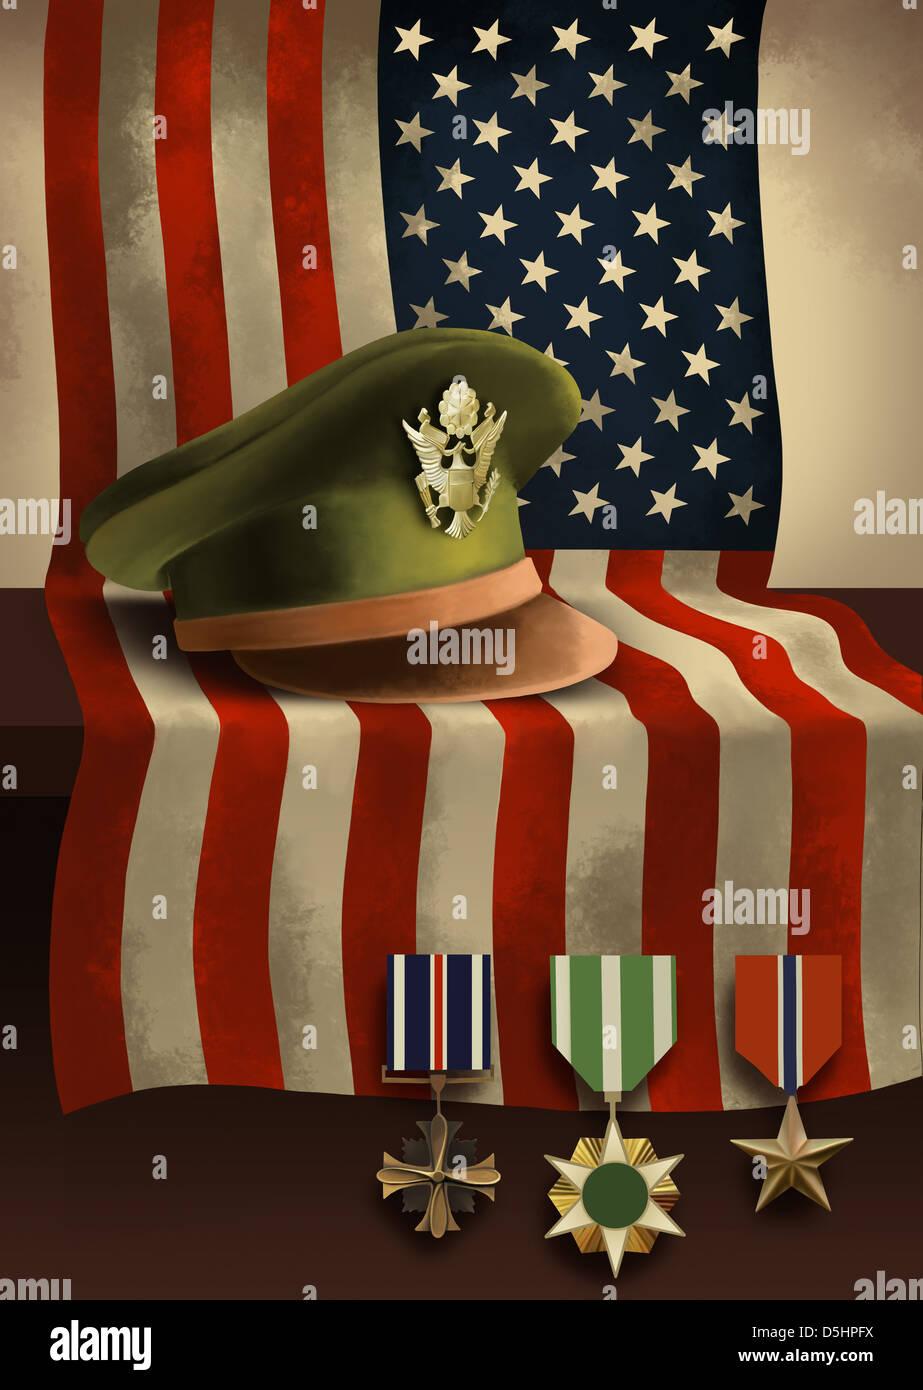 Immagine illustrativa della bandiera americana con medaglie